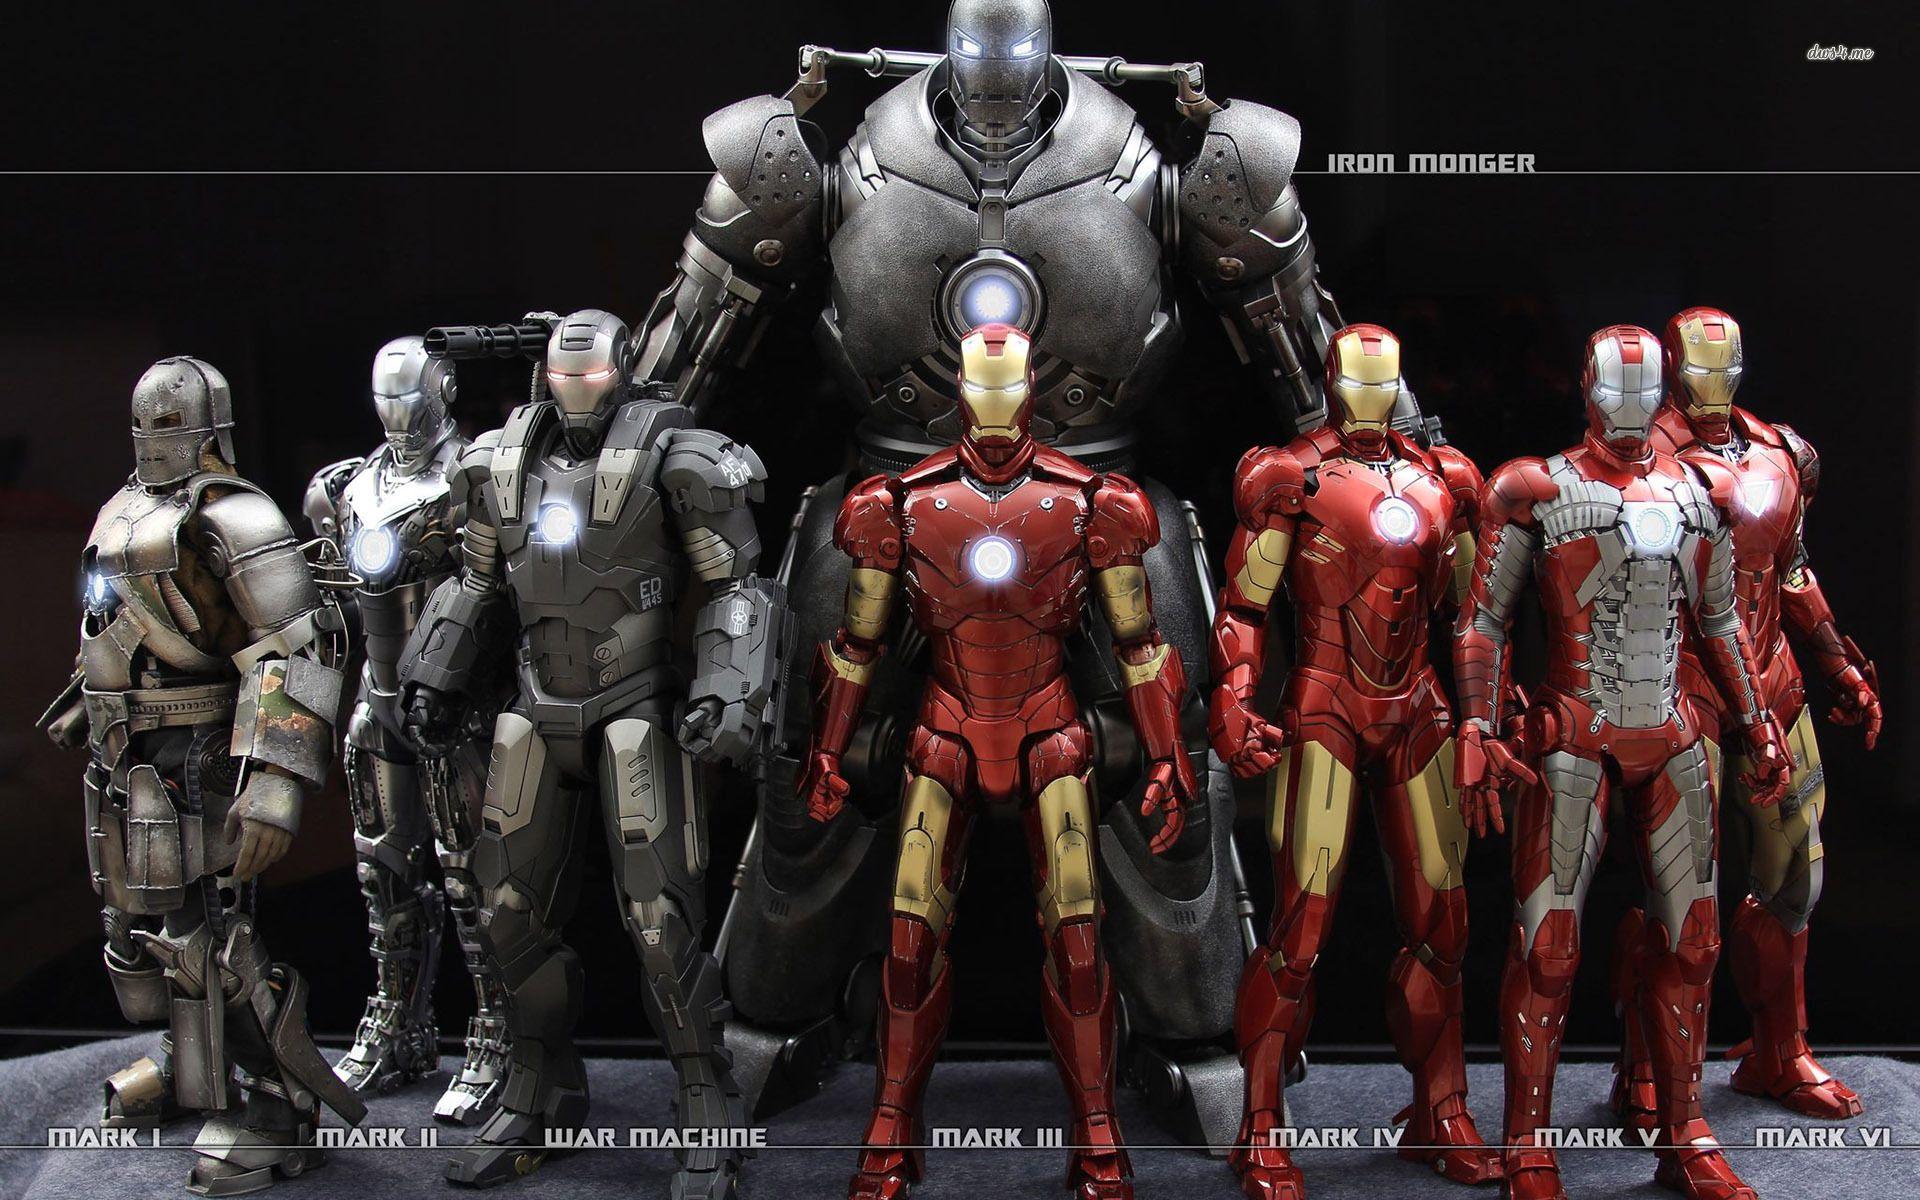 Iron Man Wallpapers Desktop Backgrounds 1024x768 3 Wallpaper